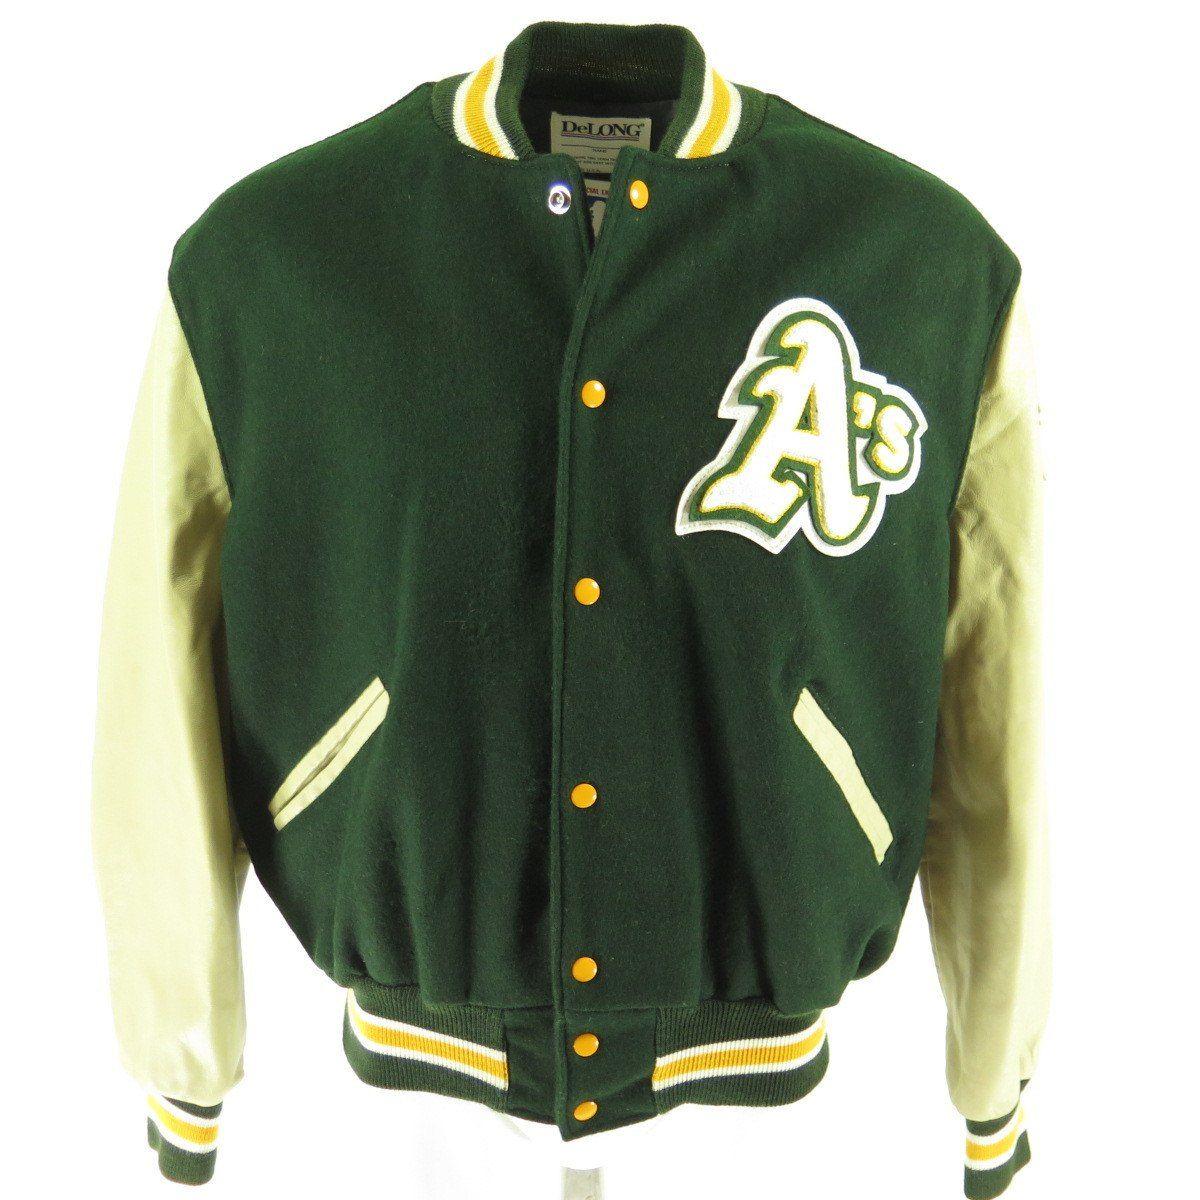 Delong Mlb Baseball Varsity Jacket H20h 1 Jackets Baseball Varsity Jacket Varsity Letterman Jackets